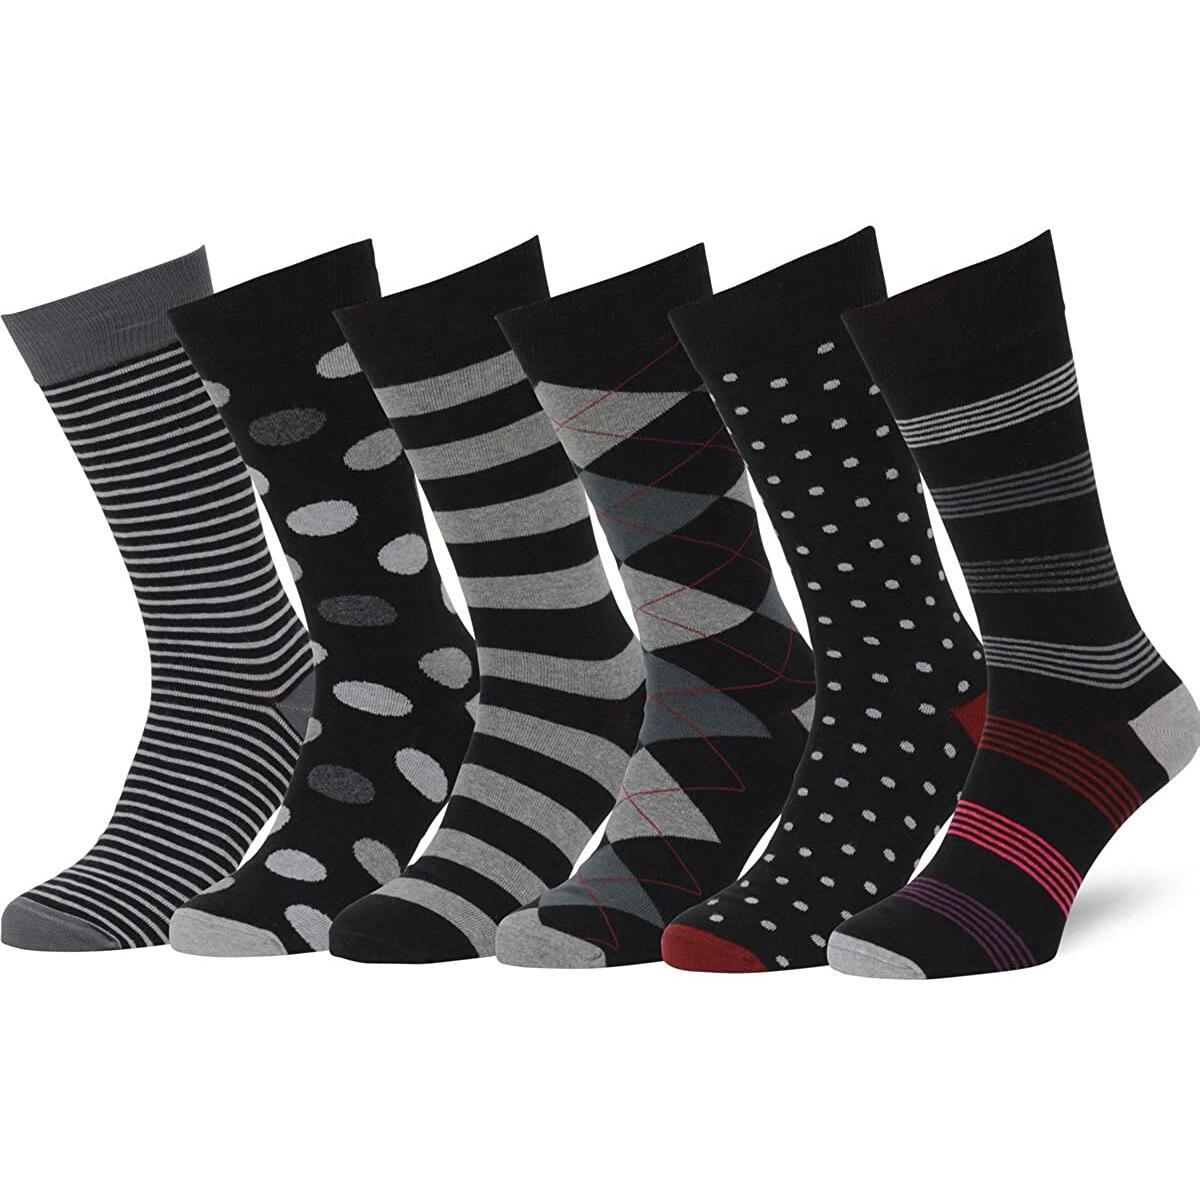 Dress Socks 6 Pack Combed Cotton Patterned Black & Gray Dress Socks for Men